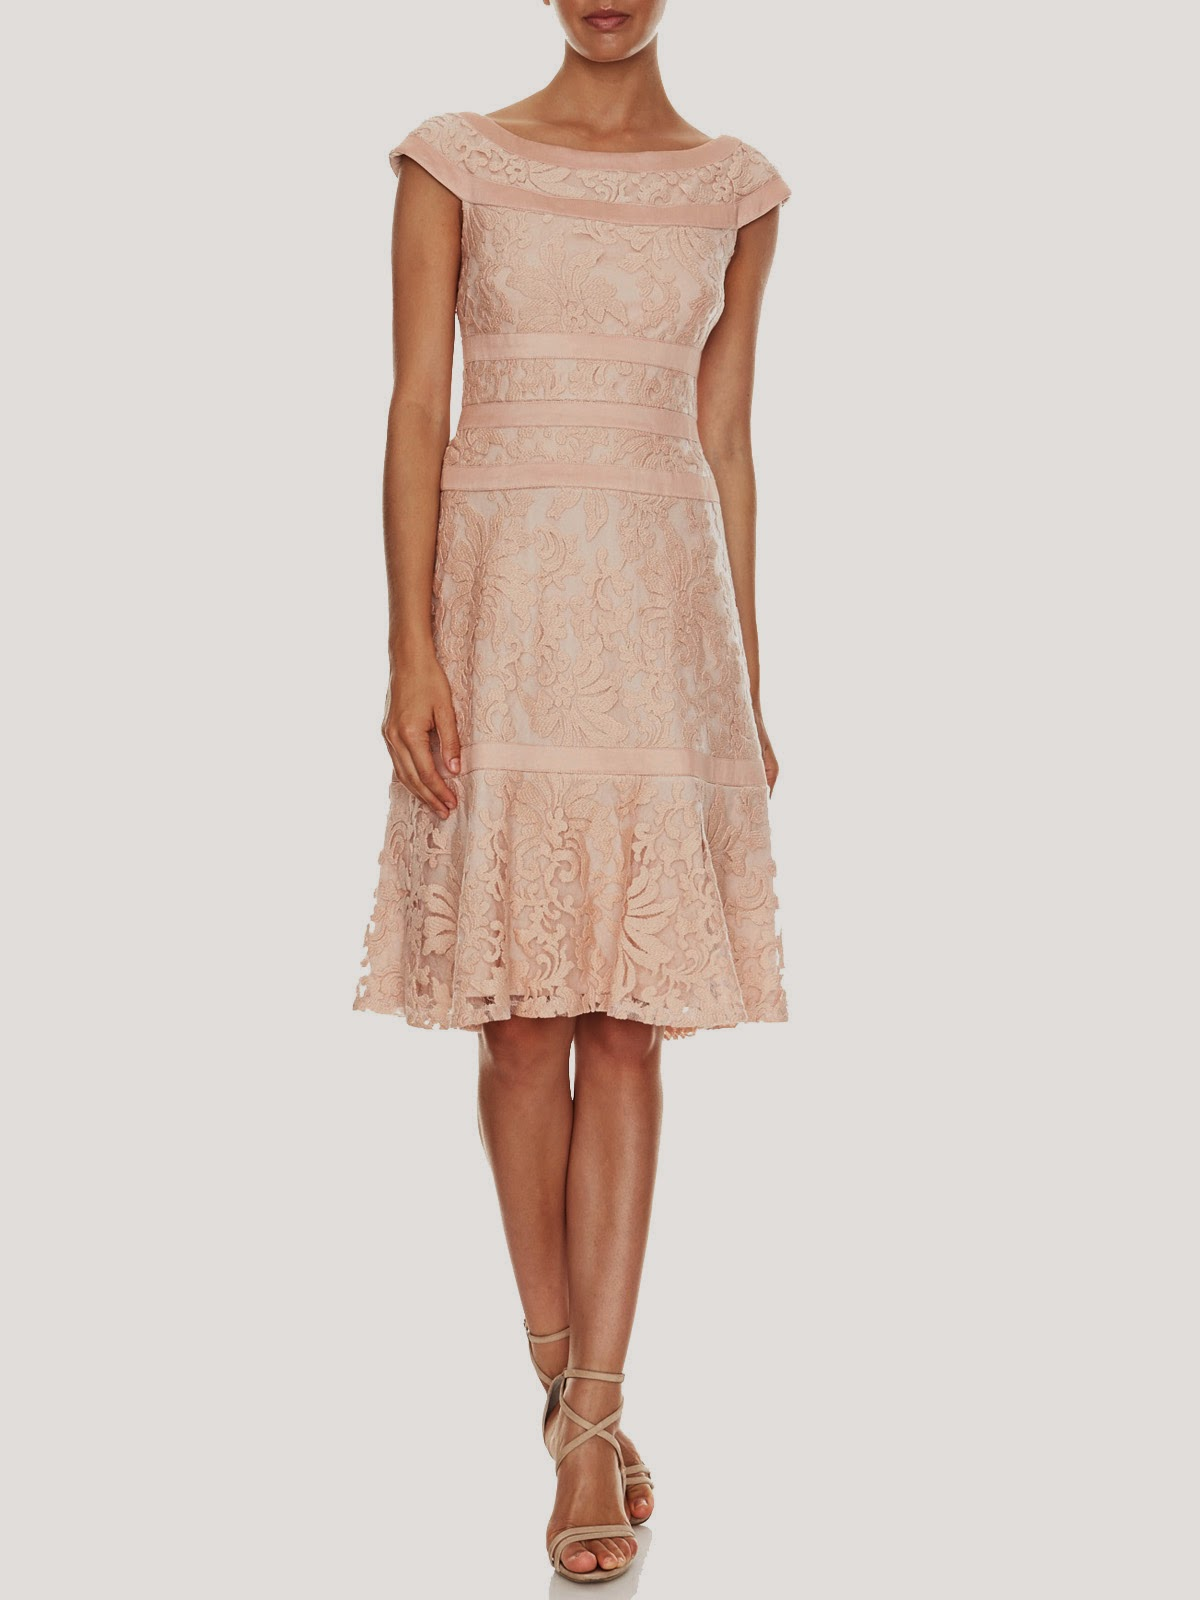 Lori Fit & Flare Dress